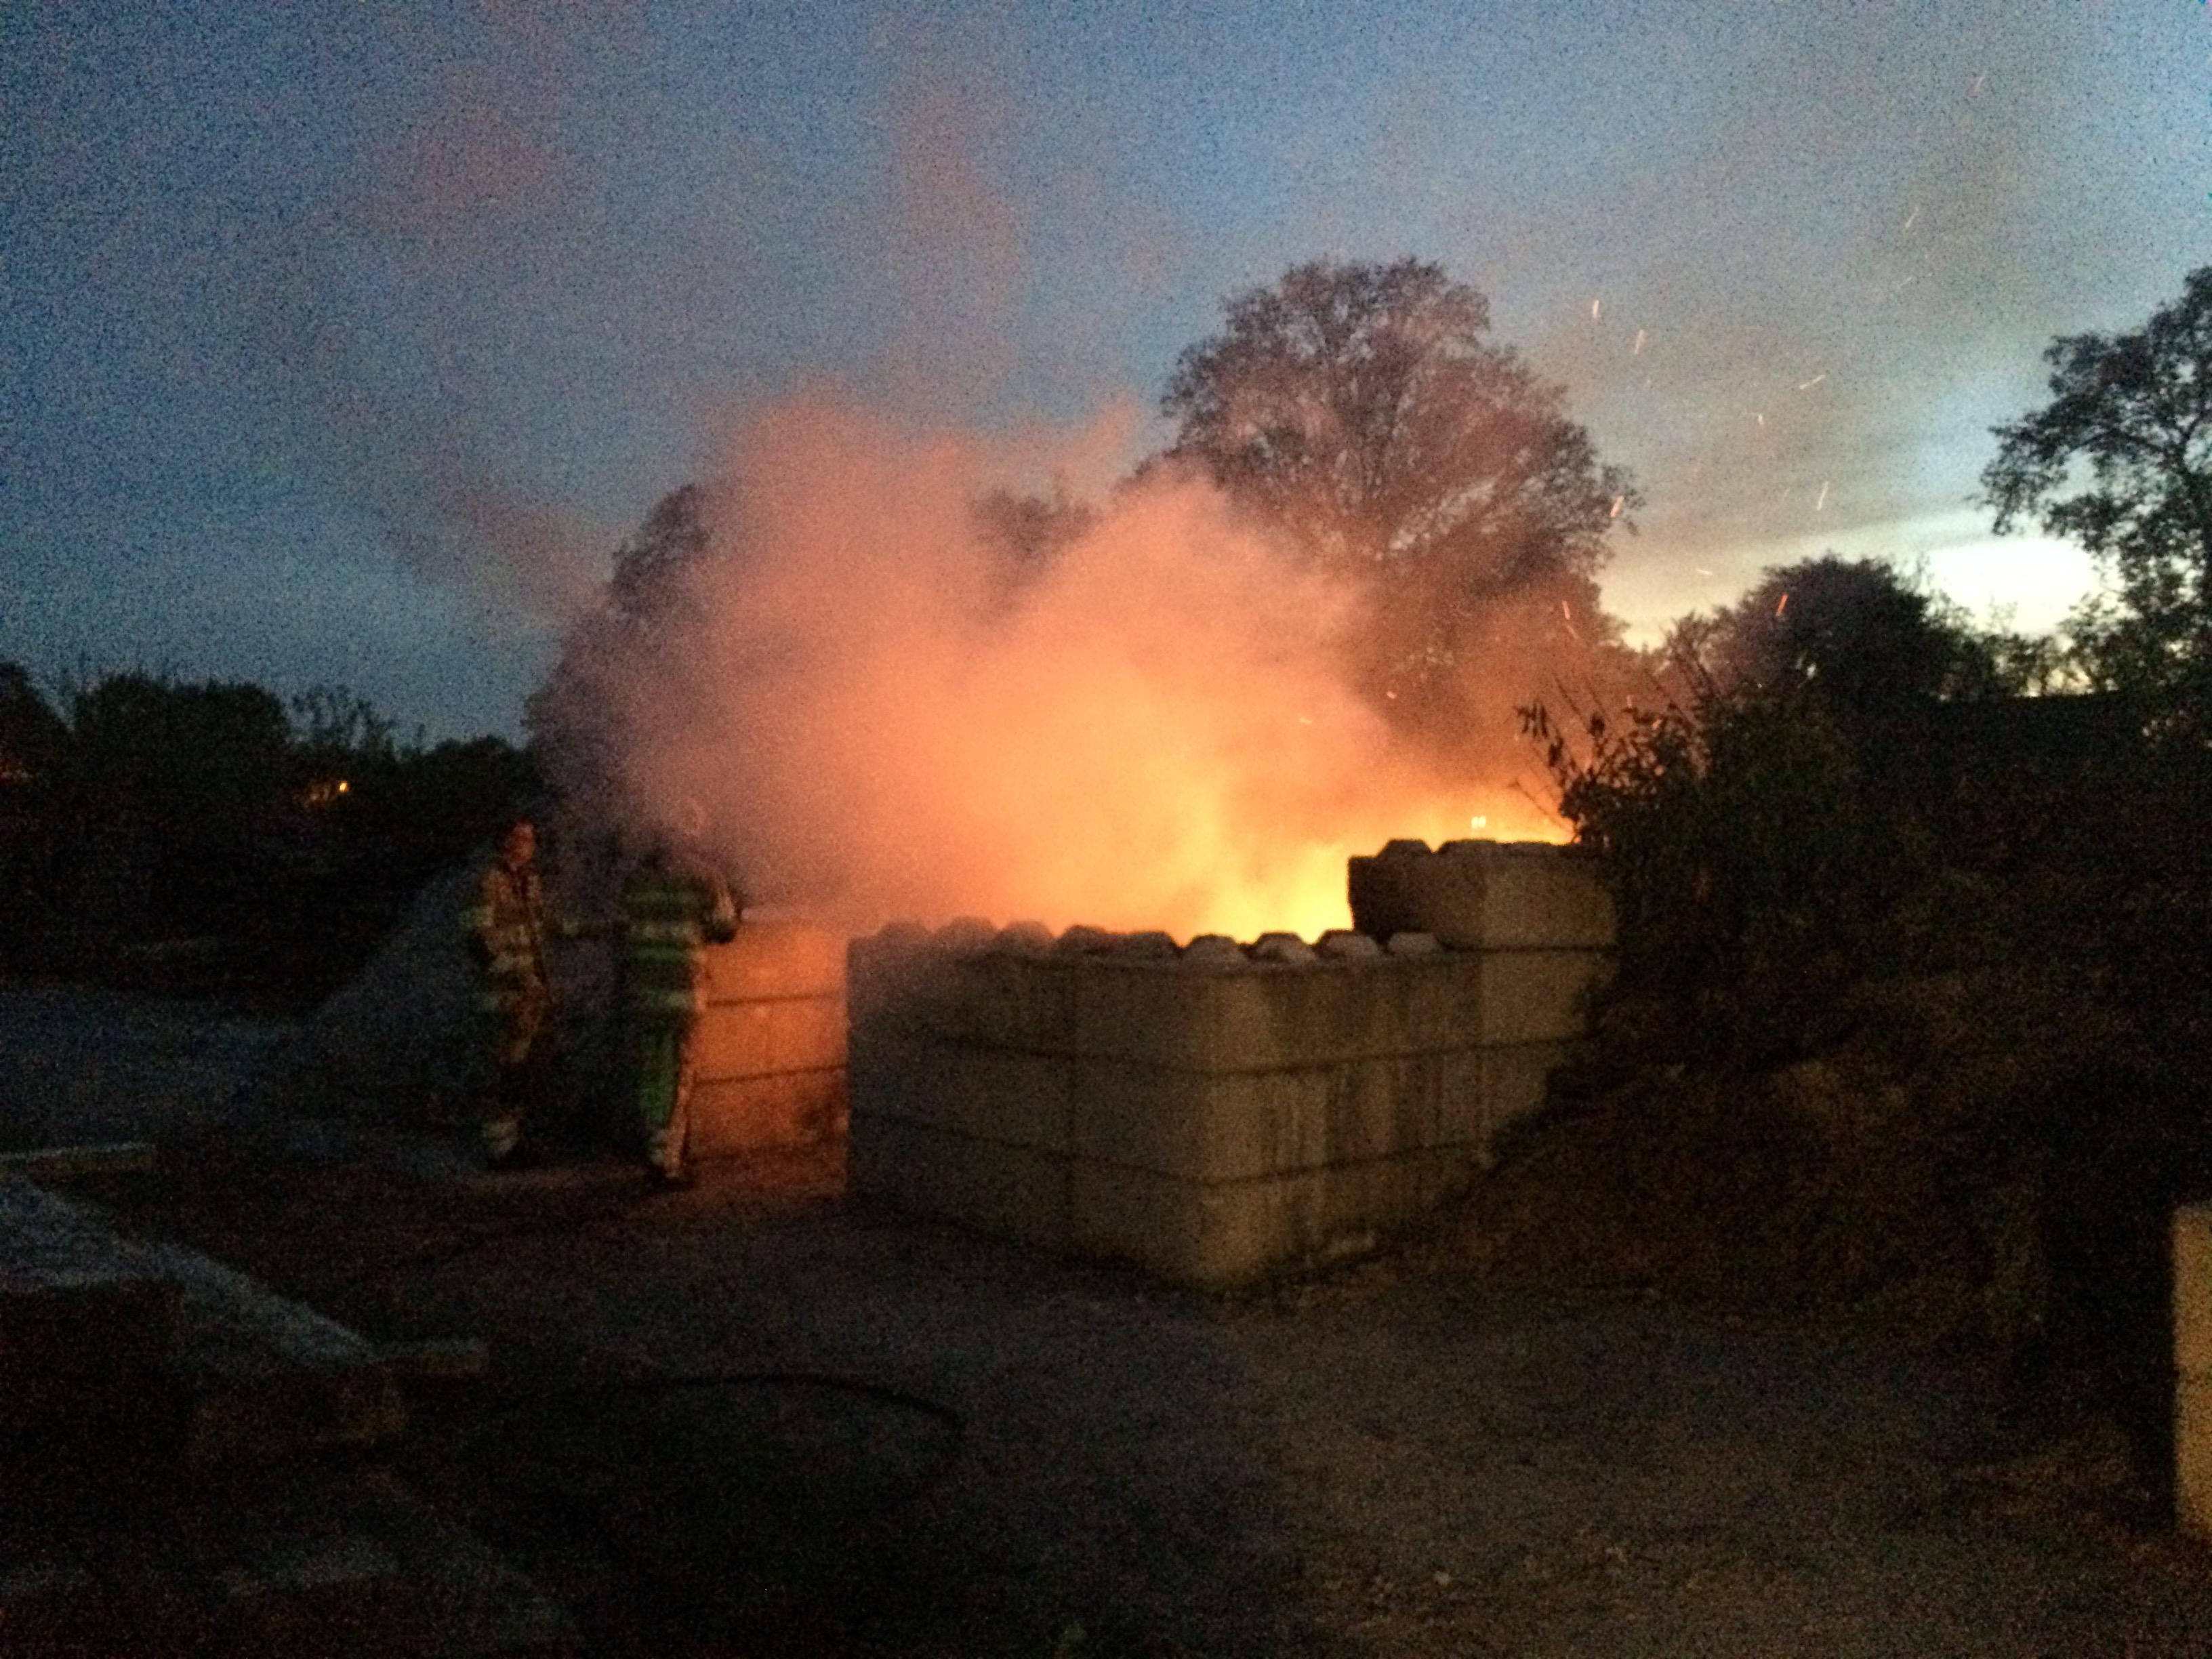 Brandweer Soest/Soesterberg dringend op zoek naar nieuwe vrijwilligers